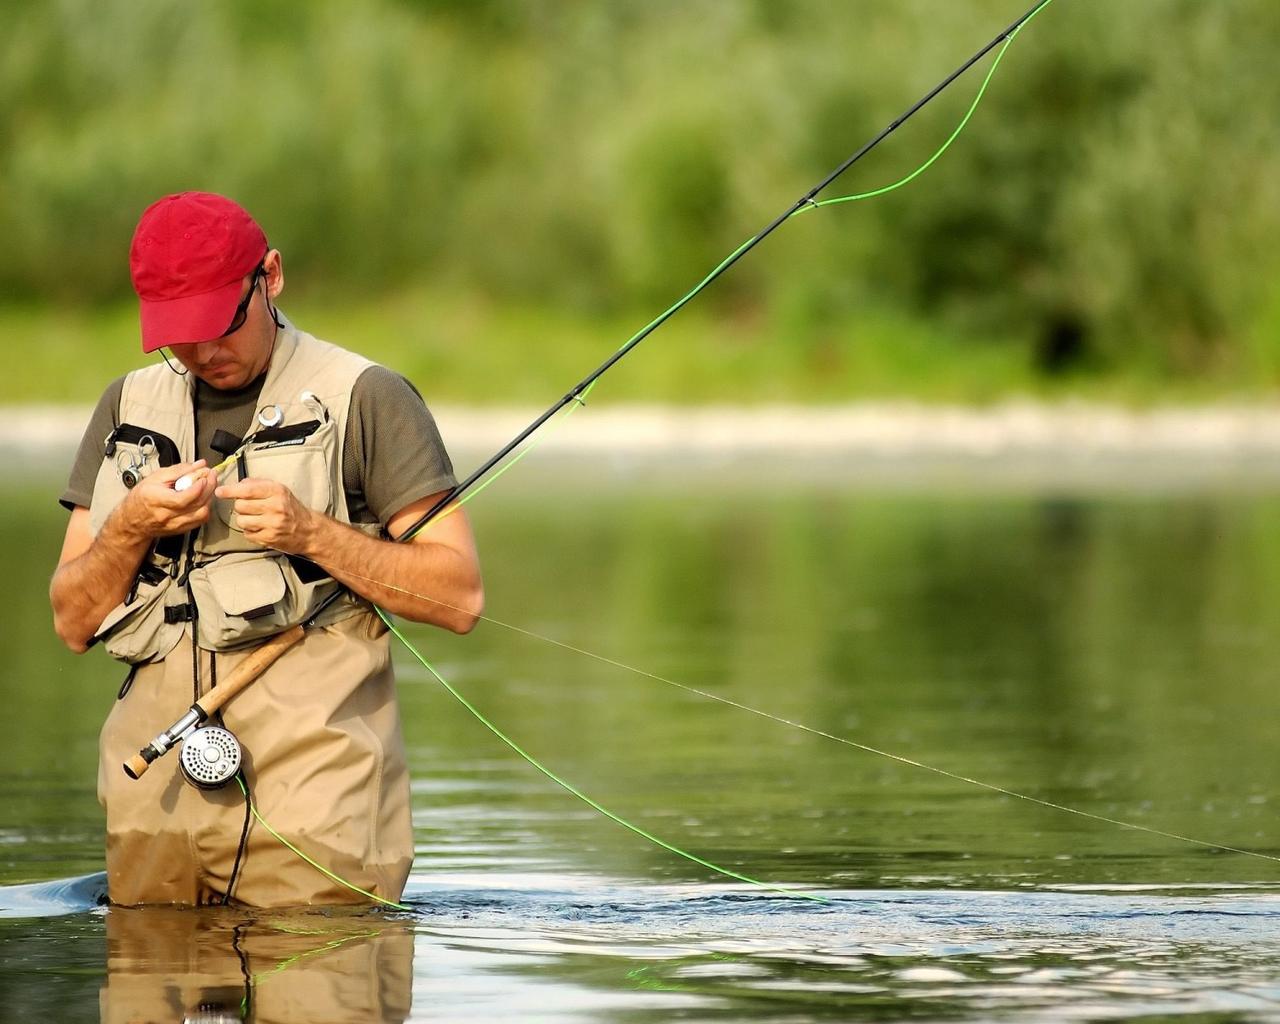 ΑΝΕΚΔΟΤΟ: Είναι ένας ψαράς, ένας κυνηγός και τα παραμύθια! Επικό γέλιο